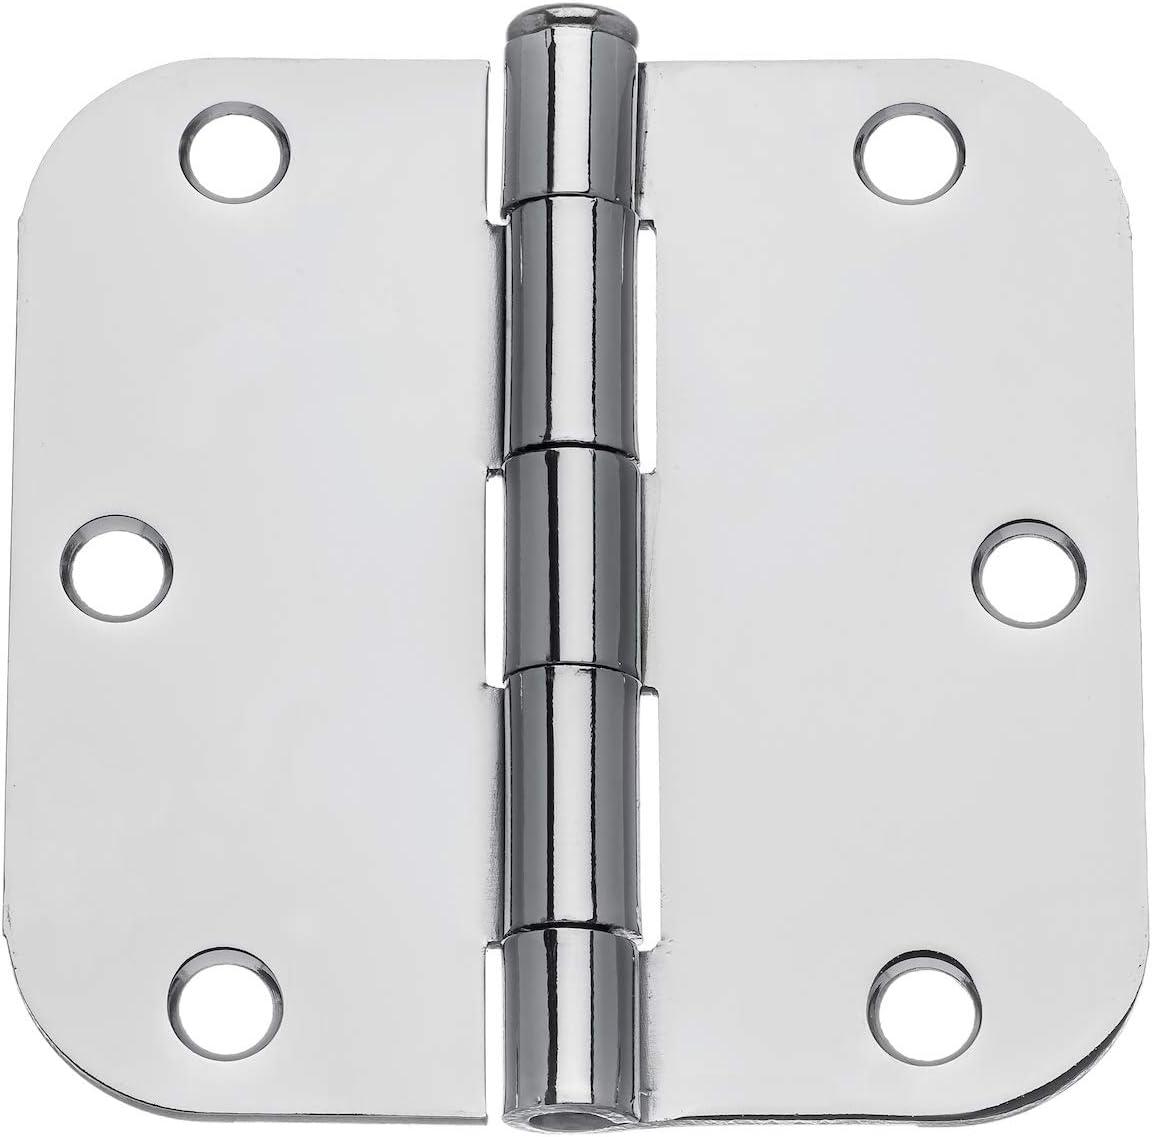 """Dynasty Hardware 3-1/2"""" Door Hinges 5/8"""" Radius Corner, Polished Chrome (24 Pack)"""